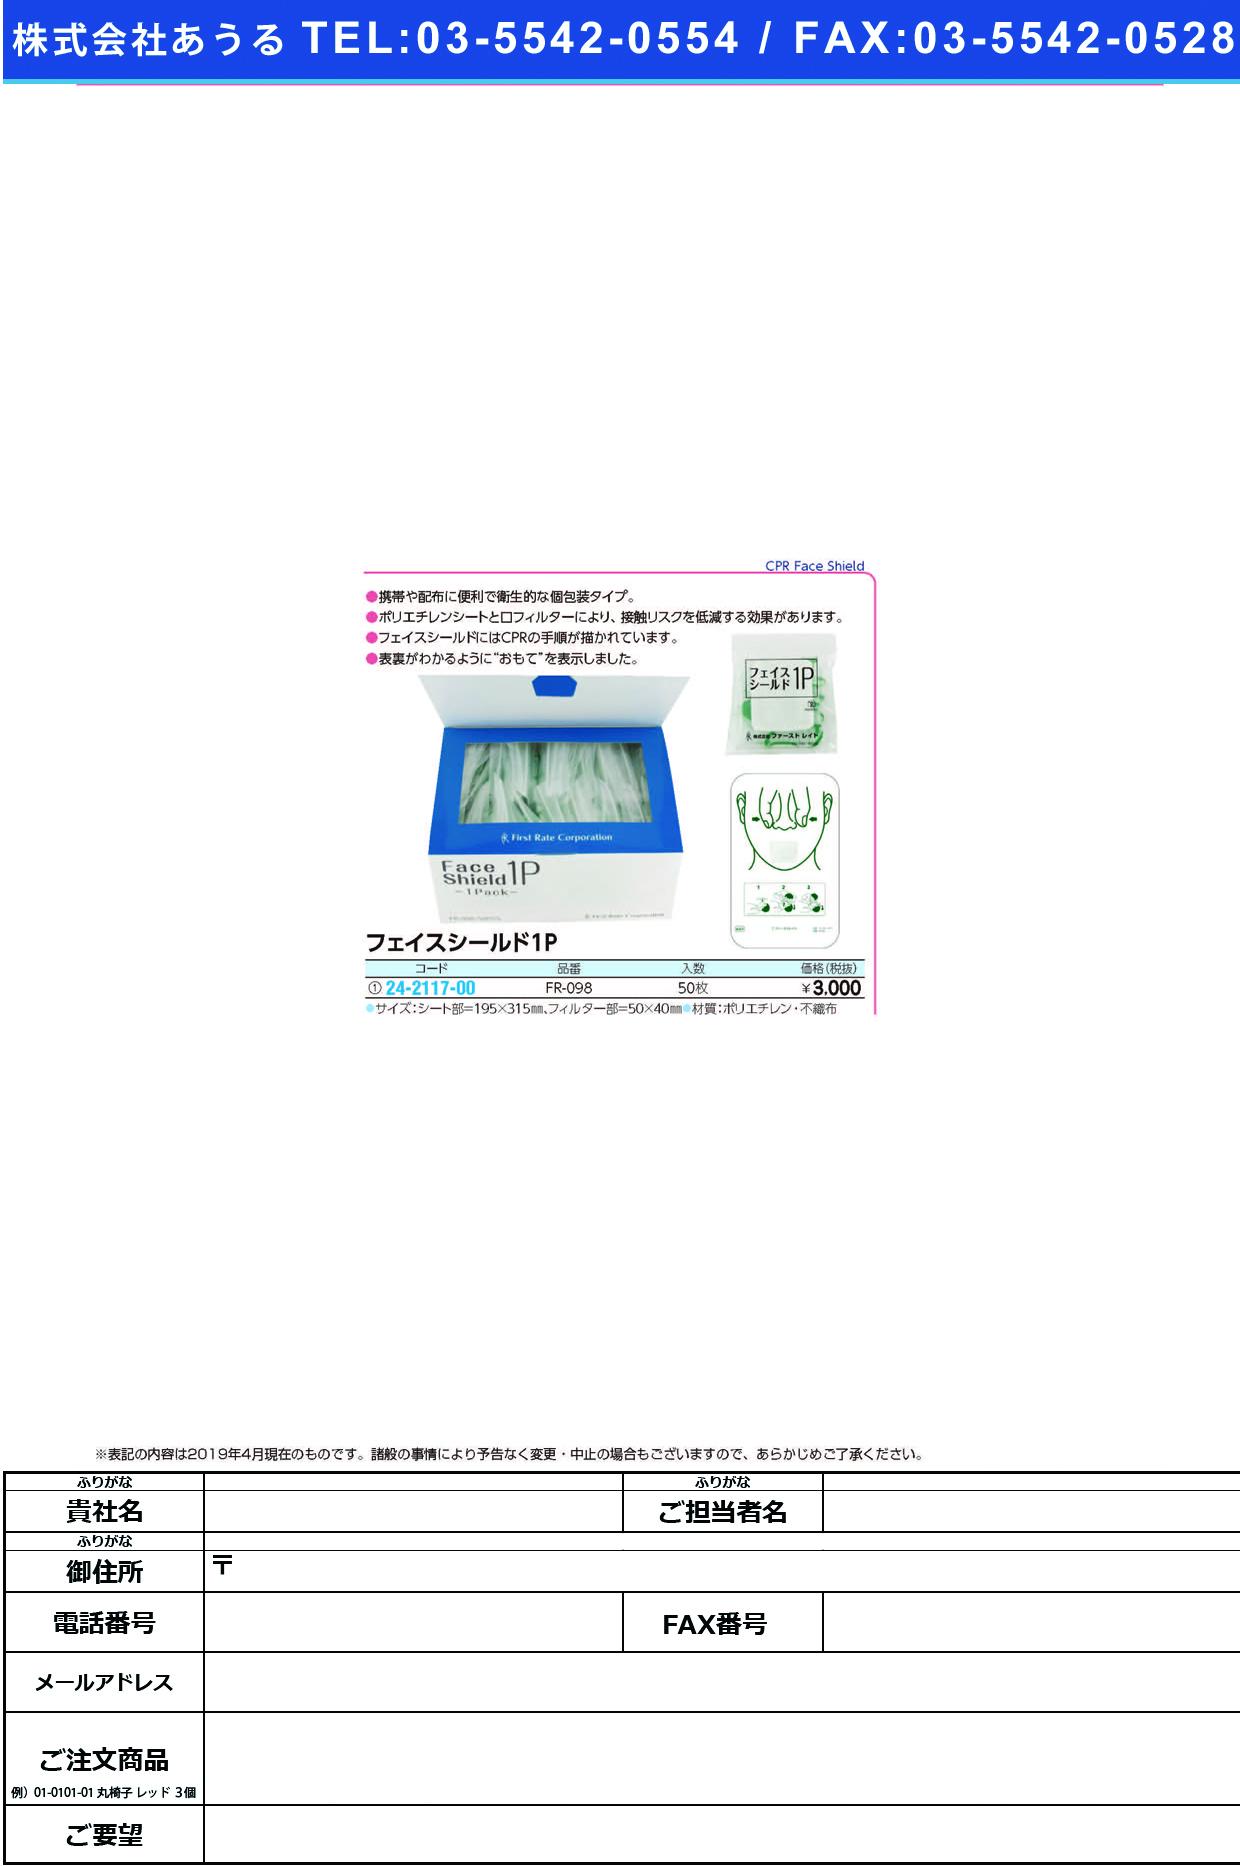 (24-2117-00)フェイスシールド1P(個包装タイプ) FR-098(1X50イリ) フェイスシールド1P(コホウソウ)(ファーストレイト)【1箱単位】【2019年カタログ商品】